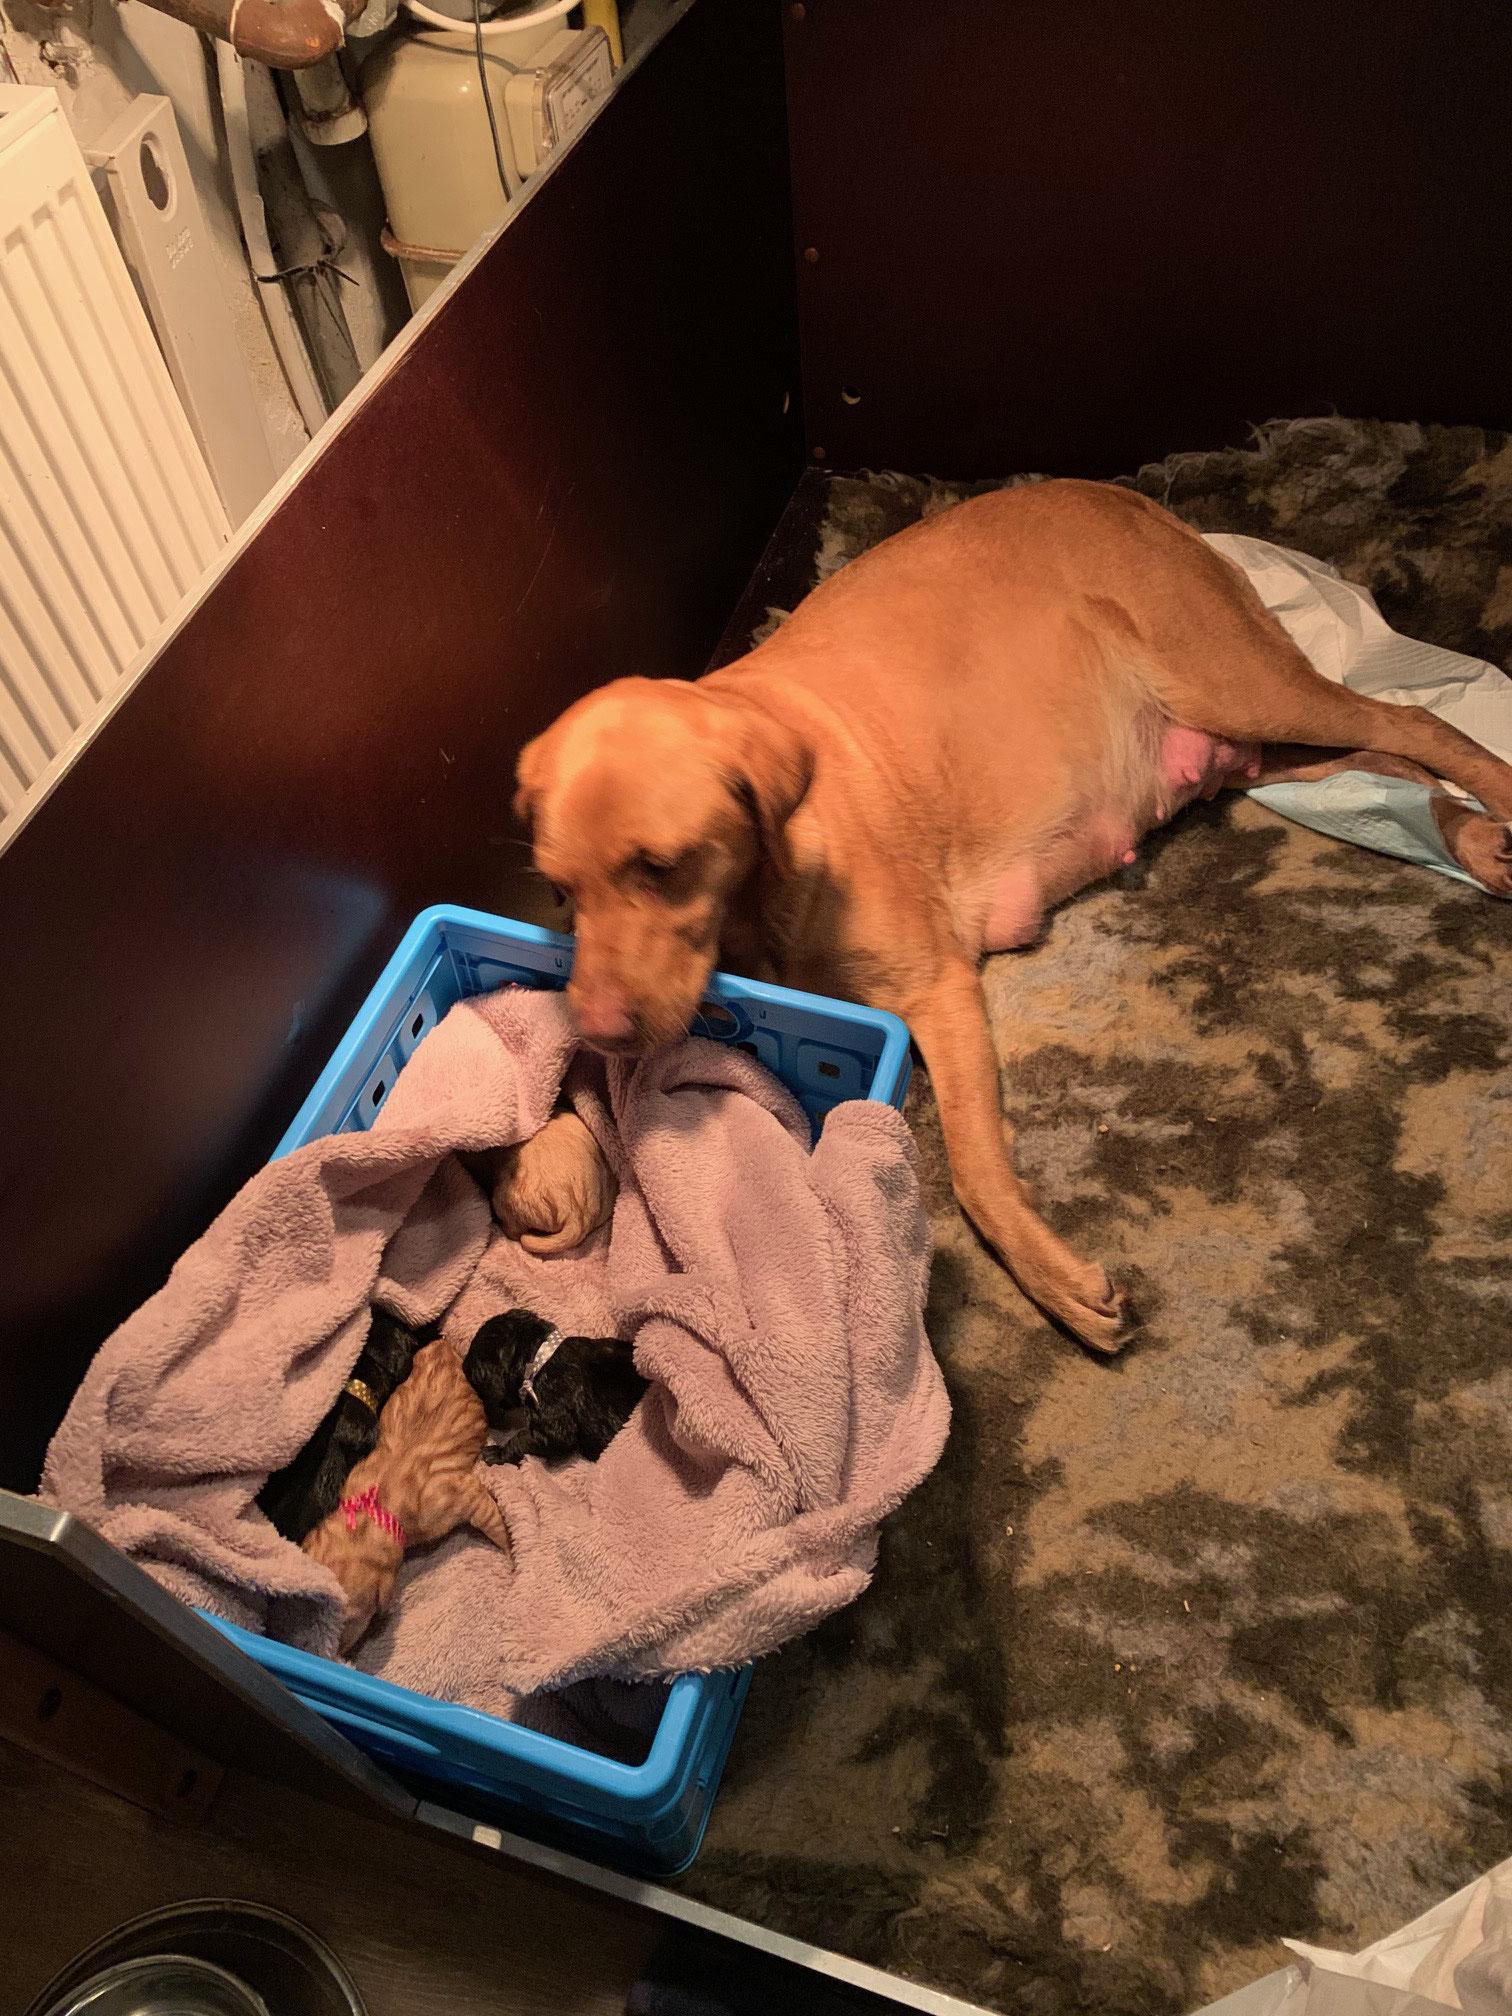 tussendoor de pups even in het kratje met kruiken. zo kon Rosa zich richten op de komst van de volgende pup.